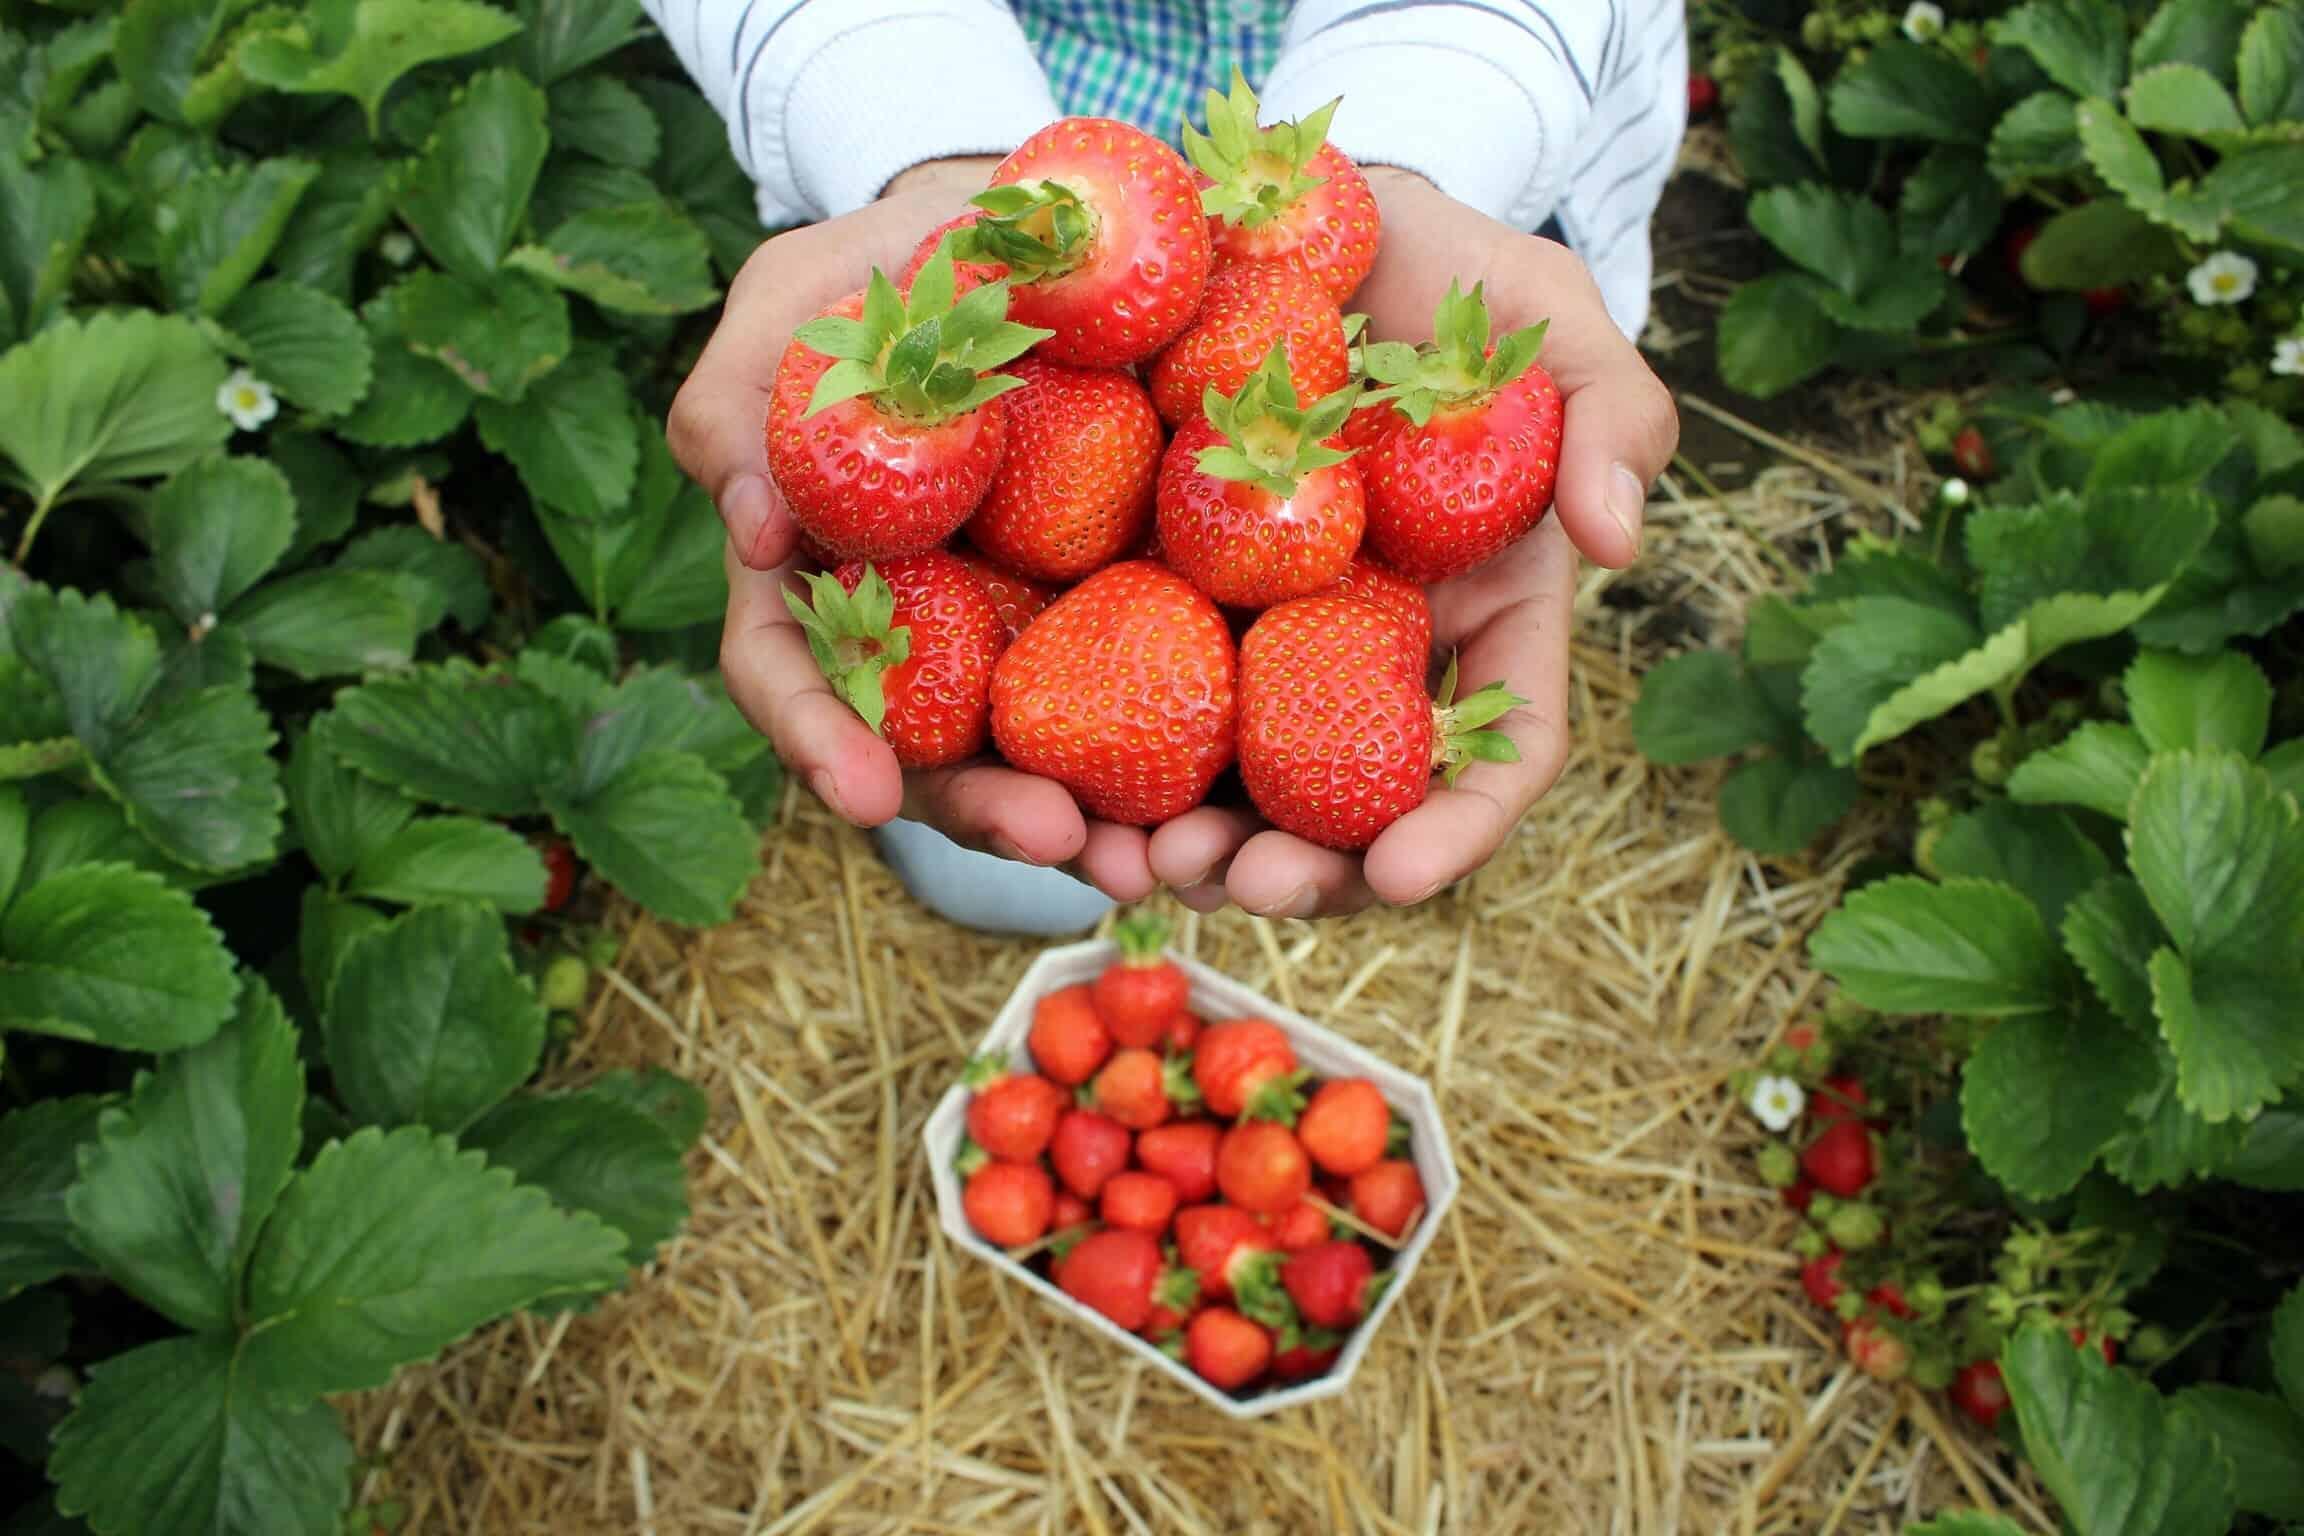 freshly picked strawberries farm work